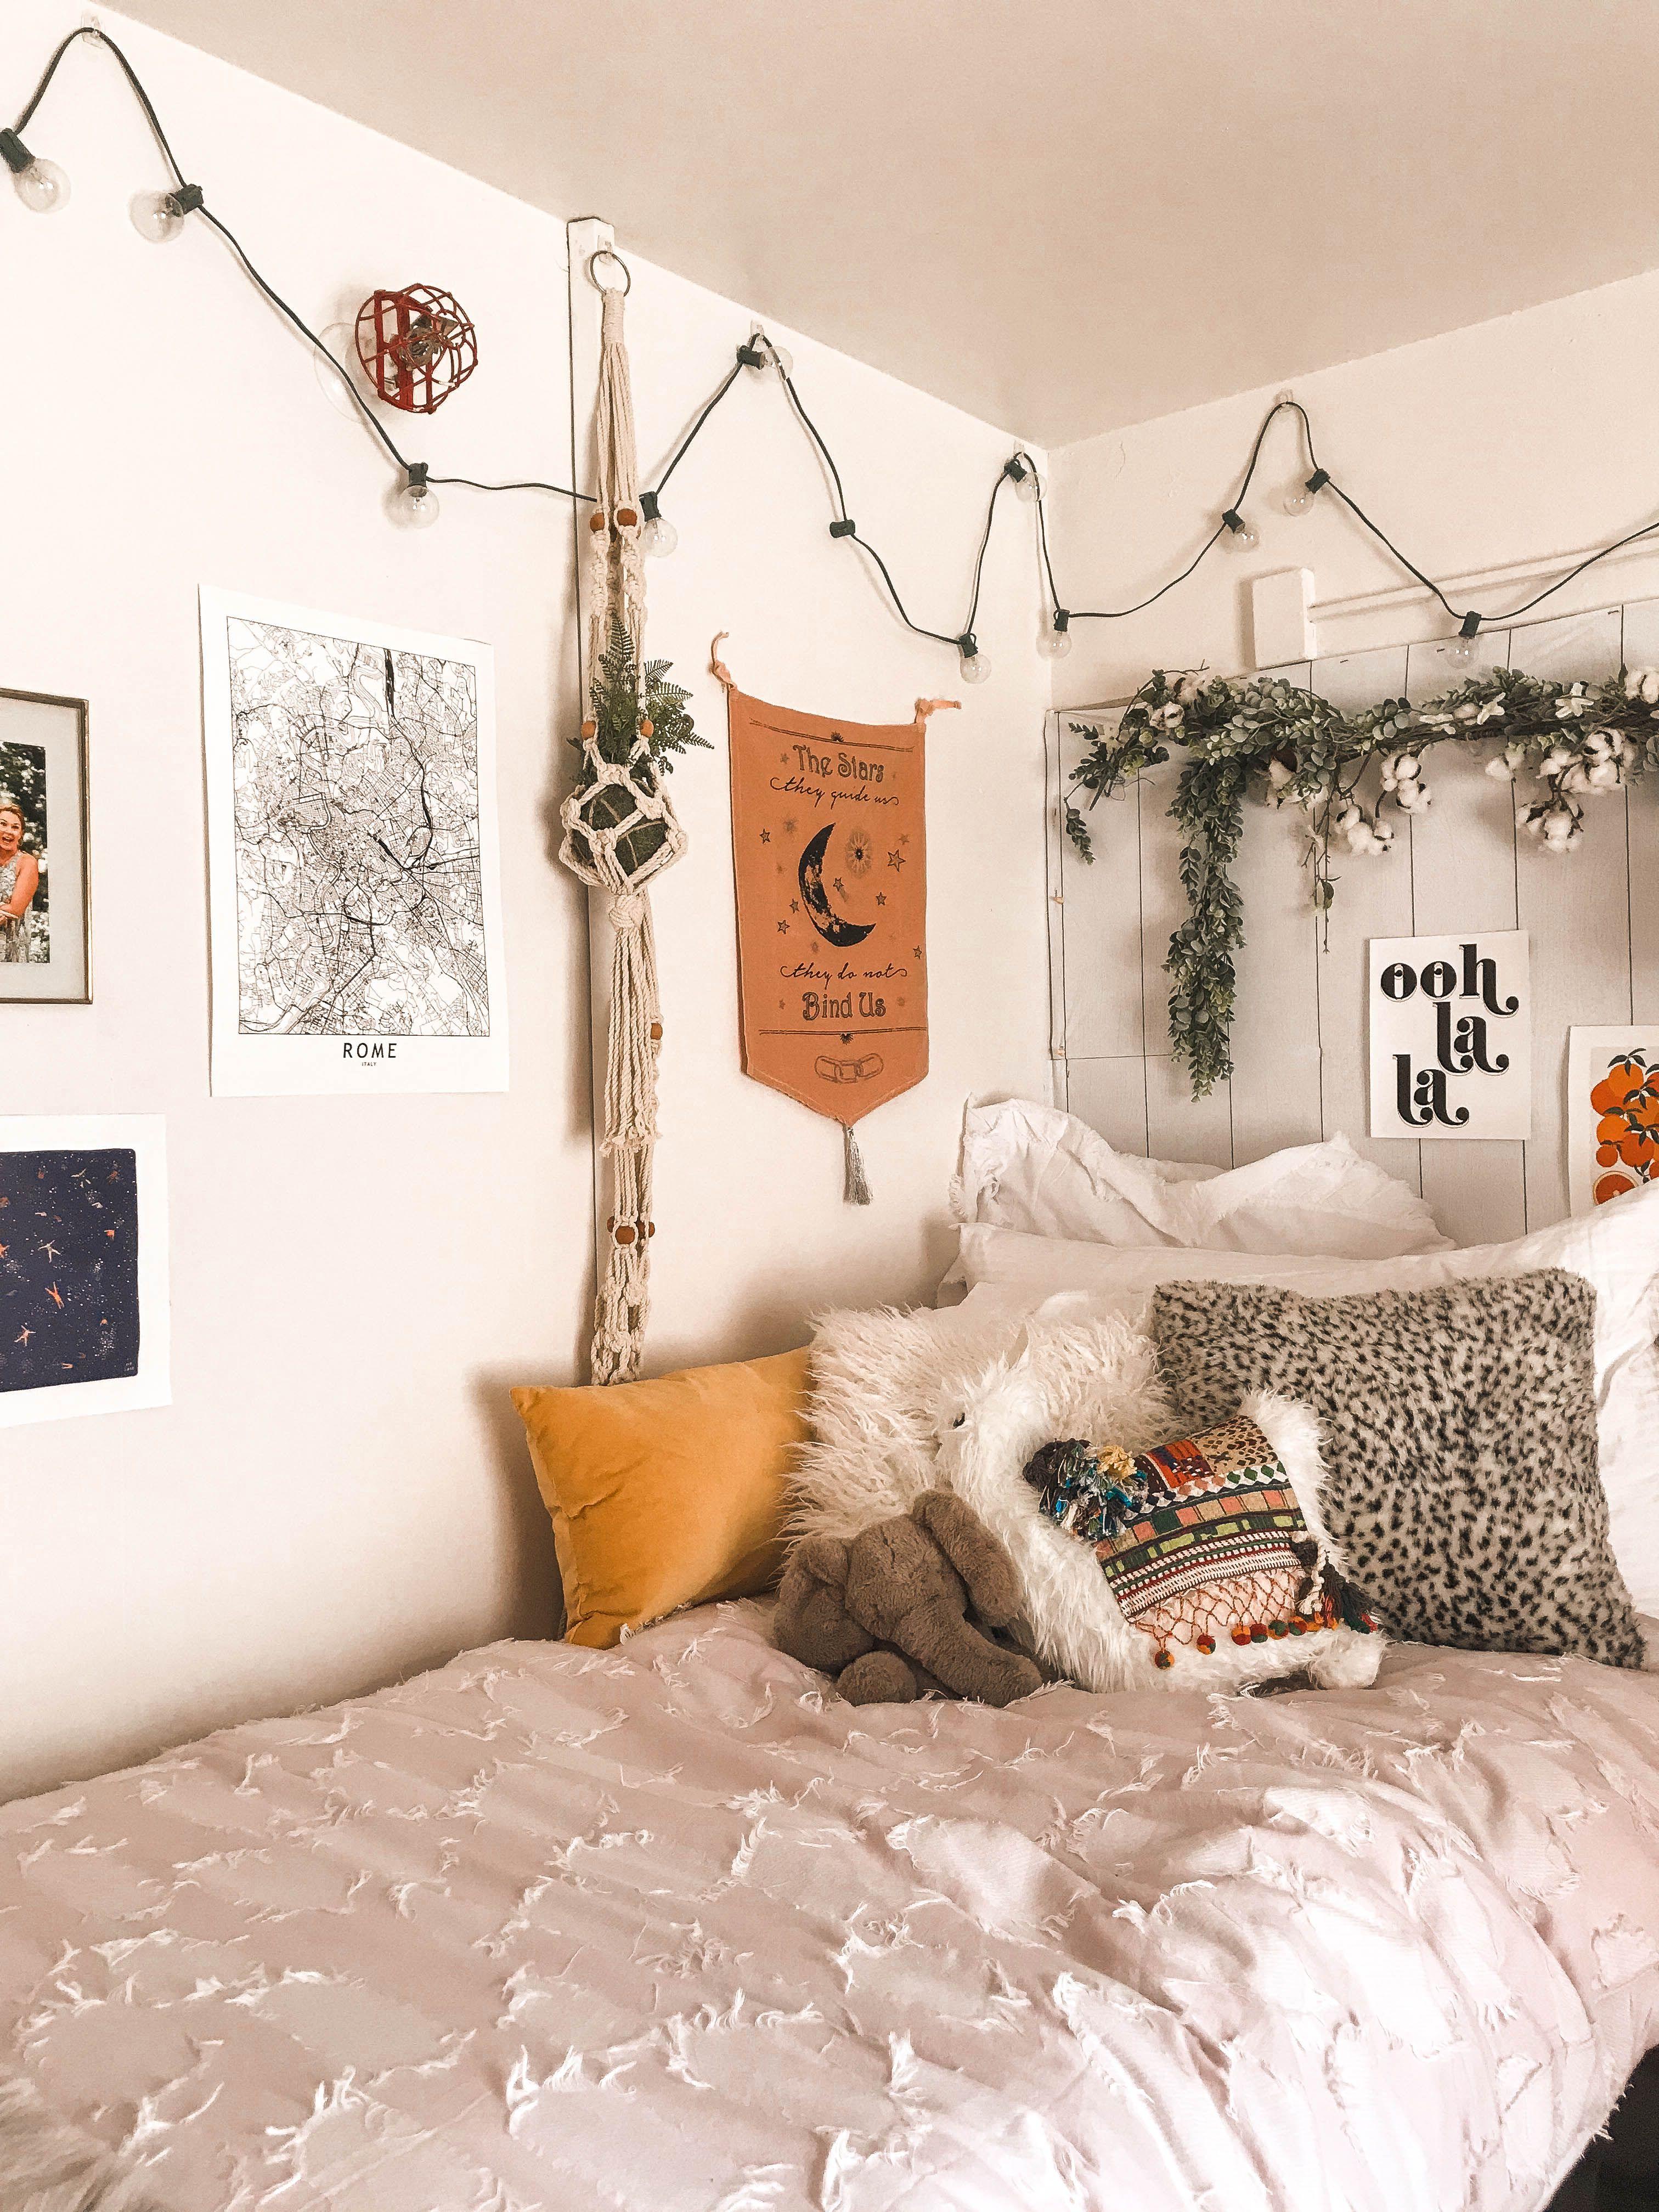 pinterest: kimoyaawalker   Room decor, Aesthetic rooms ... on Room Decor Aesthetic id=55295